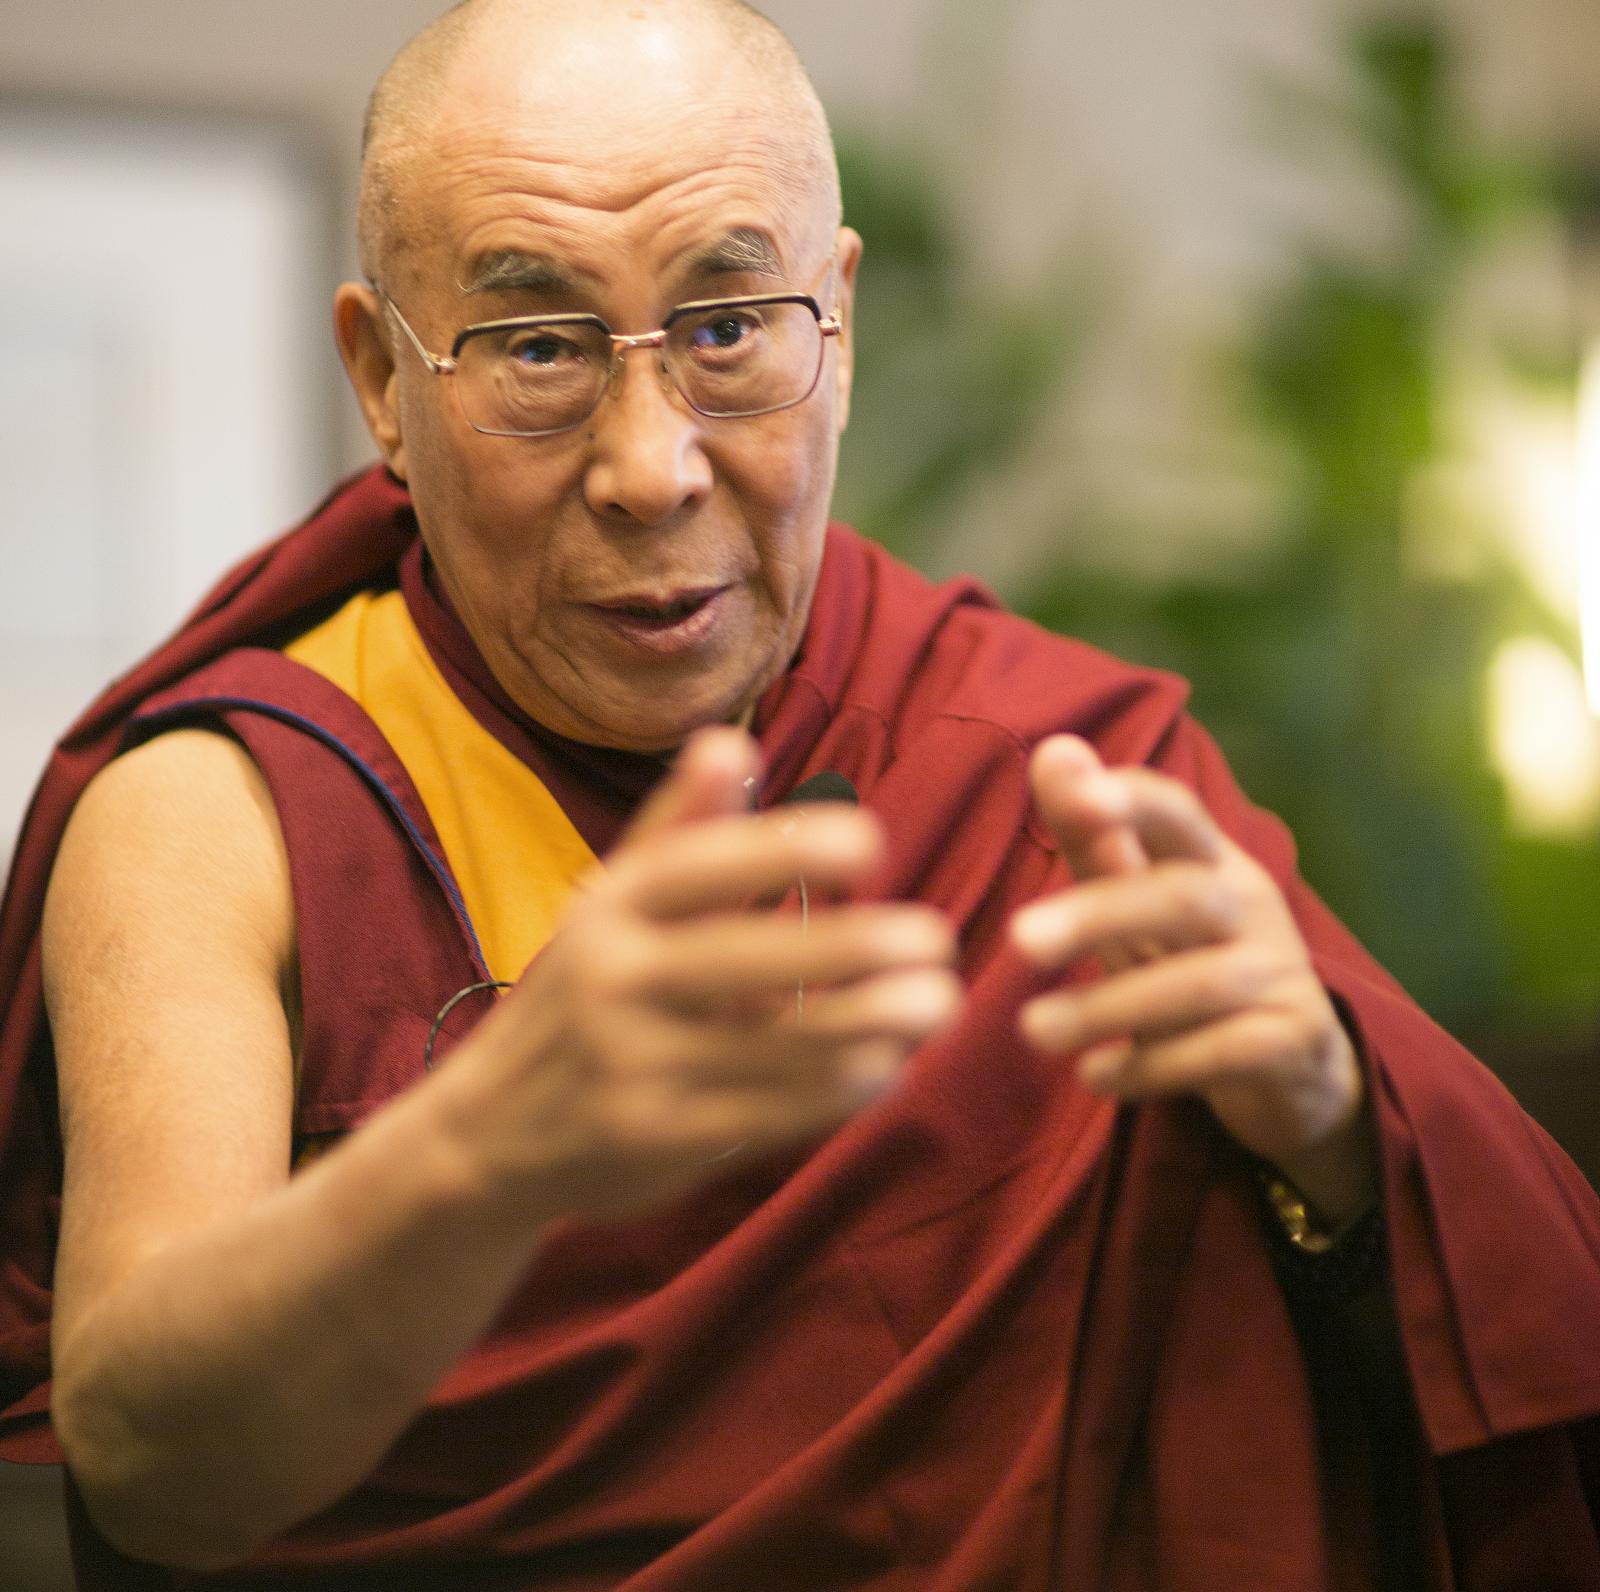 Dalai Lama (14481761838).jpg